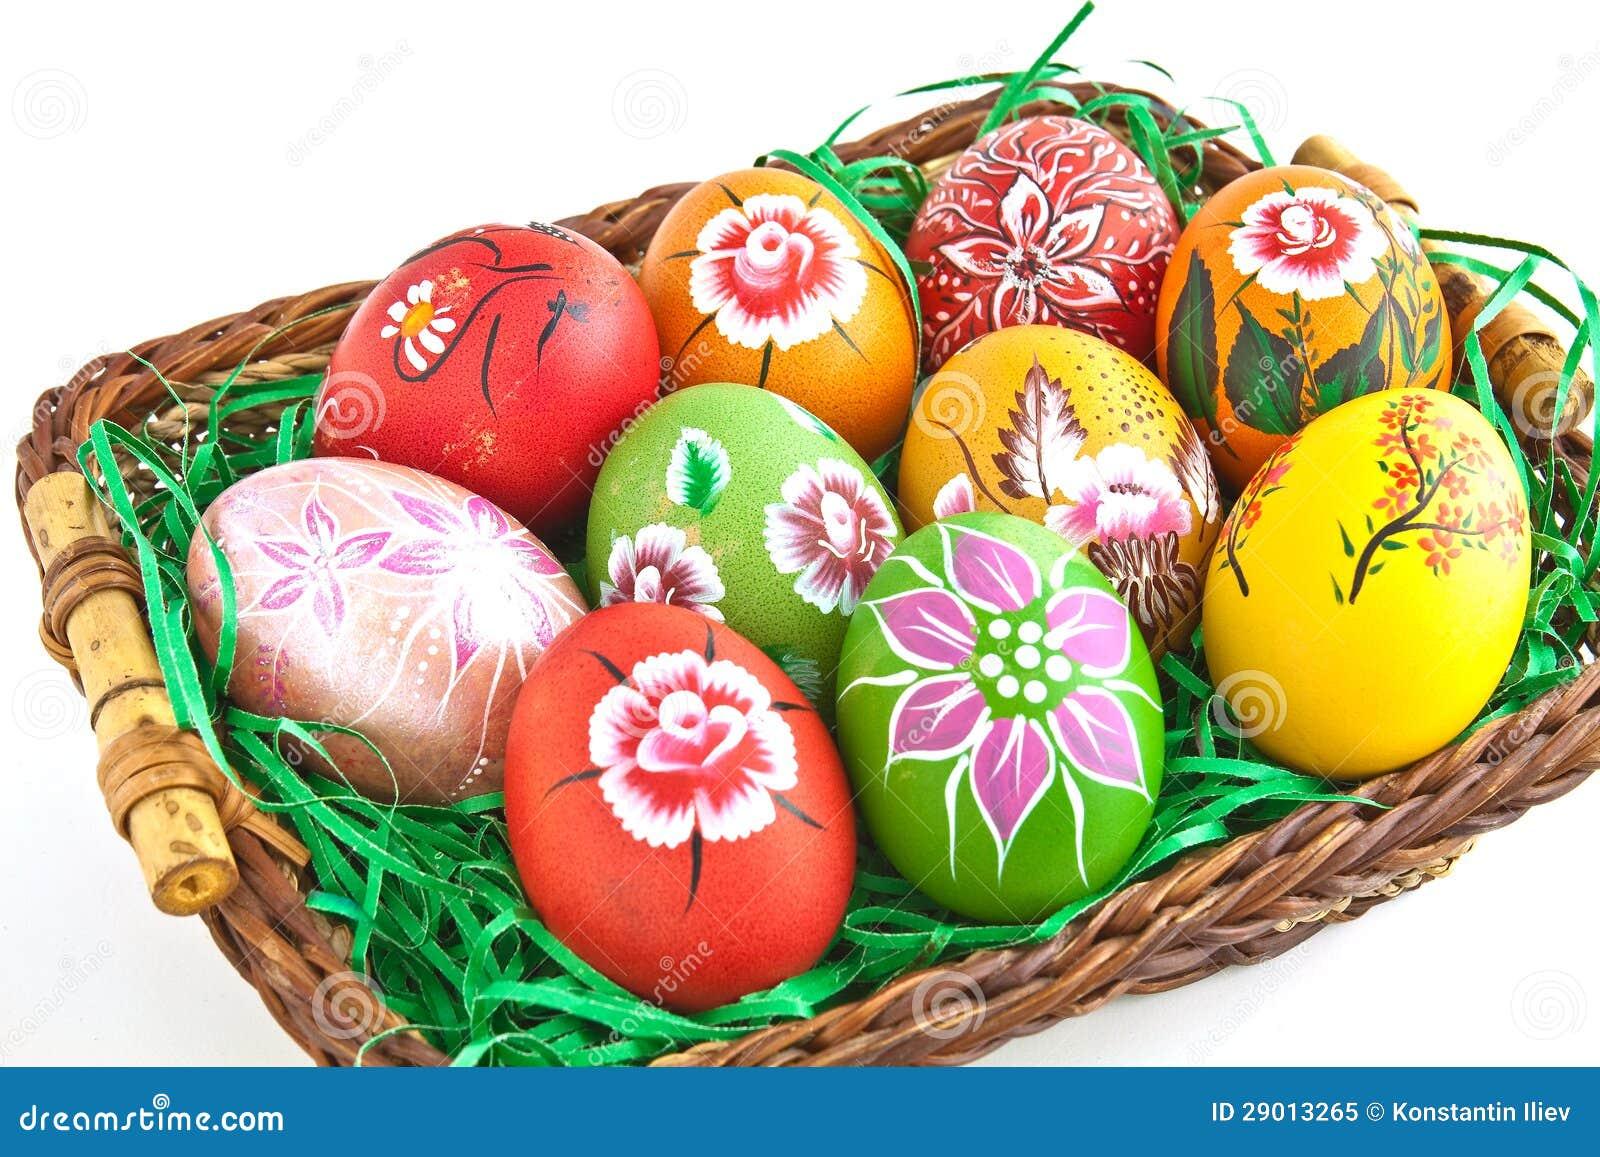 Uovo dipinto a mano immagine stock immagine di aprile 29013265 - Uova di pasqua decorati a mano ...